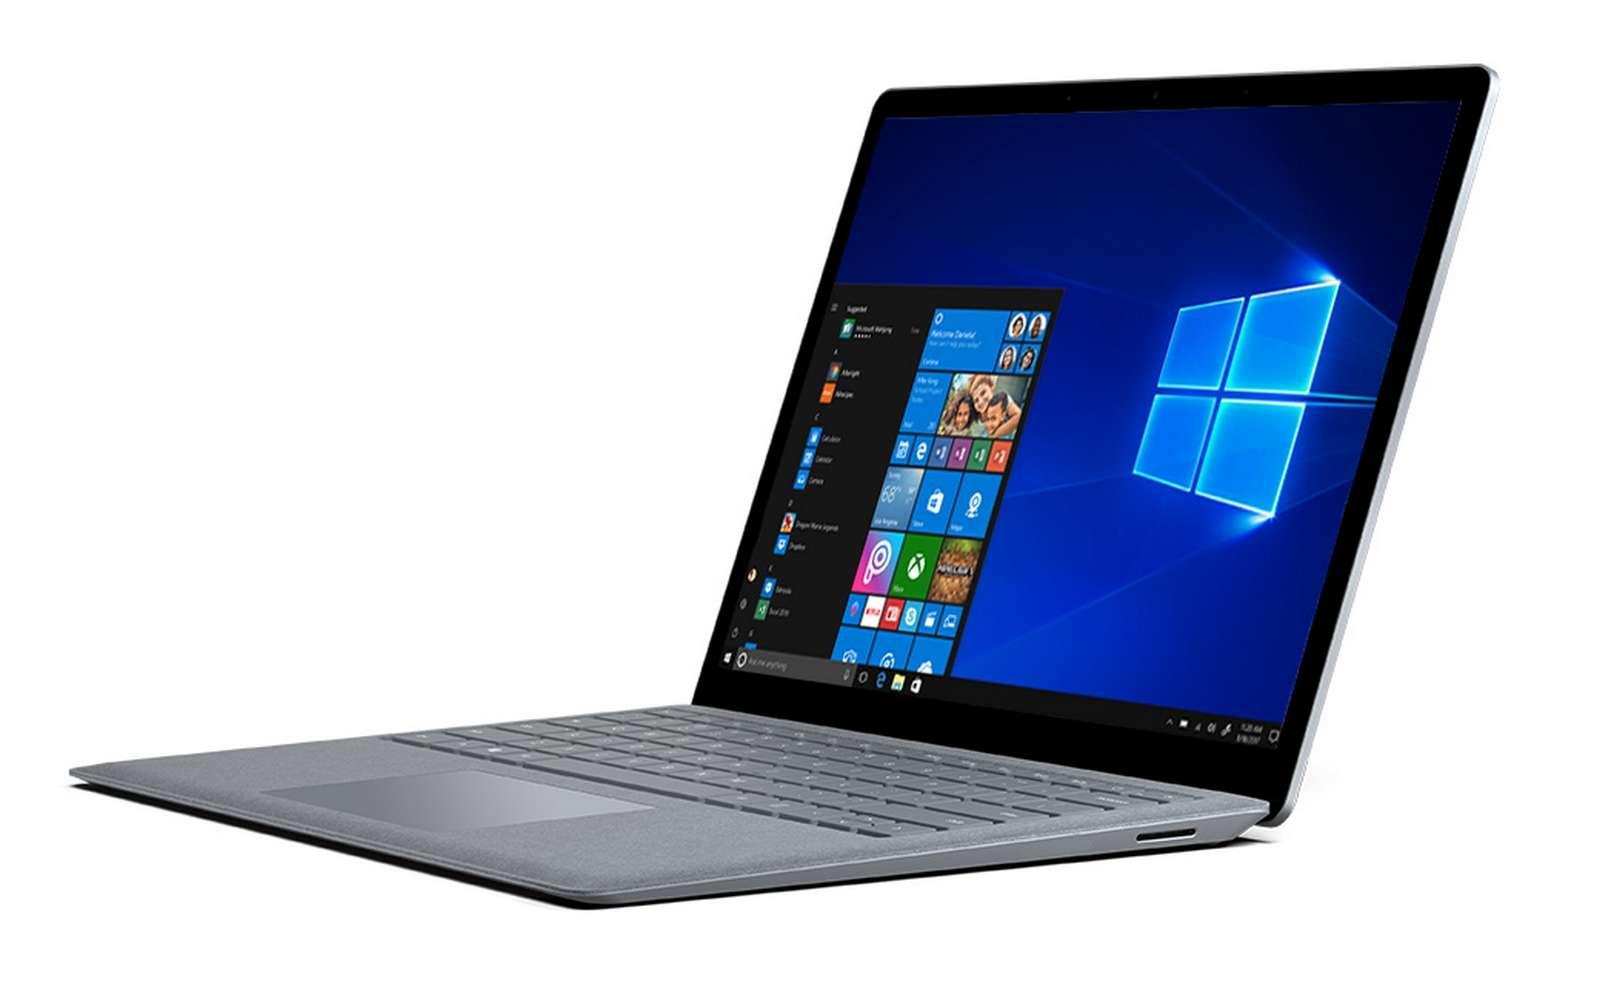 Avec Polaris, Microsoft prépare une version allégée de Windows 10. Il veut faire de Windows 10 un OS modulaire qui pourra plus aisément s'adapter aux terminaux. © Microsoft